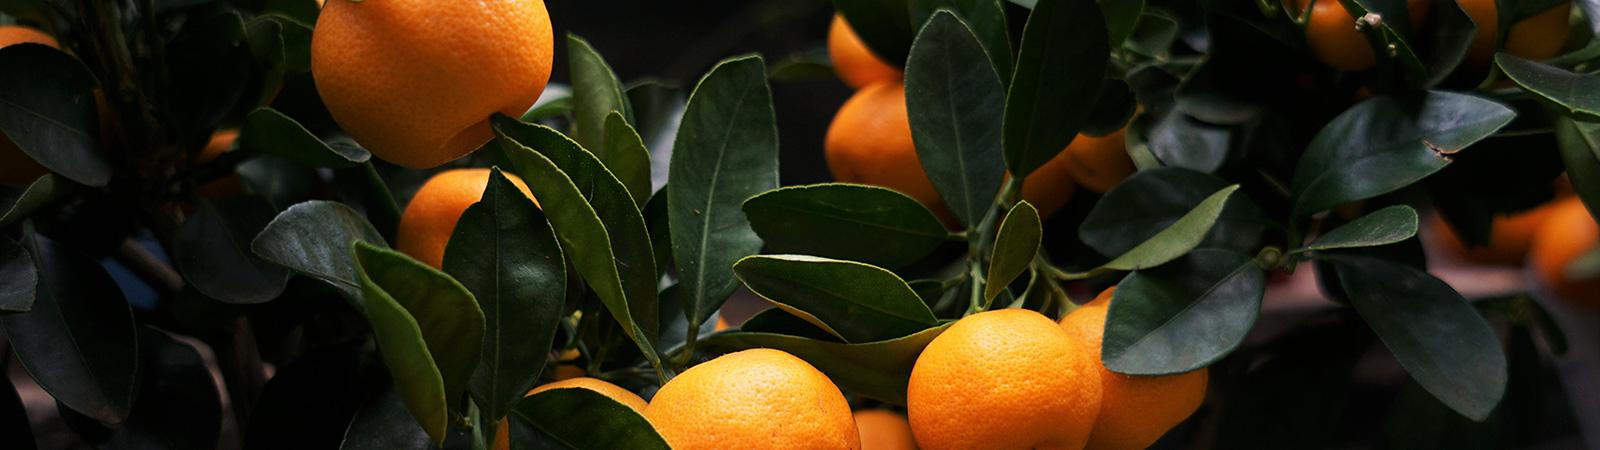 Cítricos - Cultivos Gat Fertilíquidos